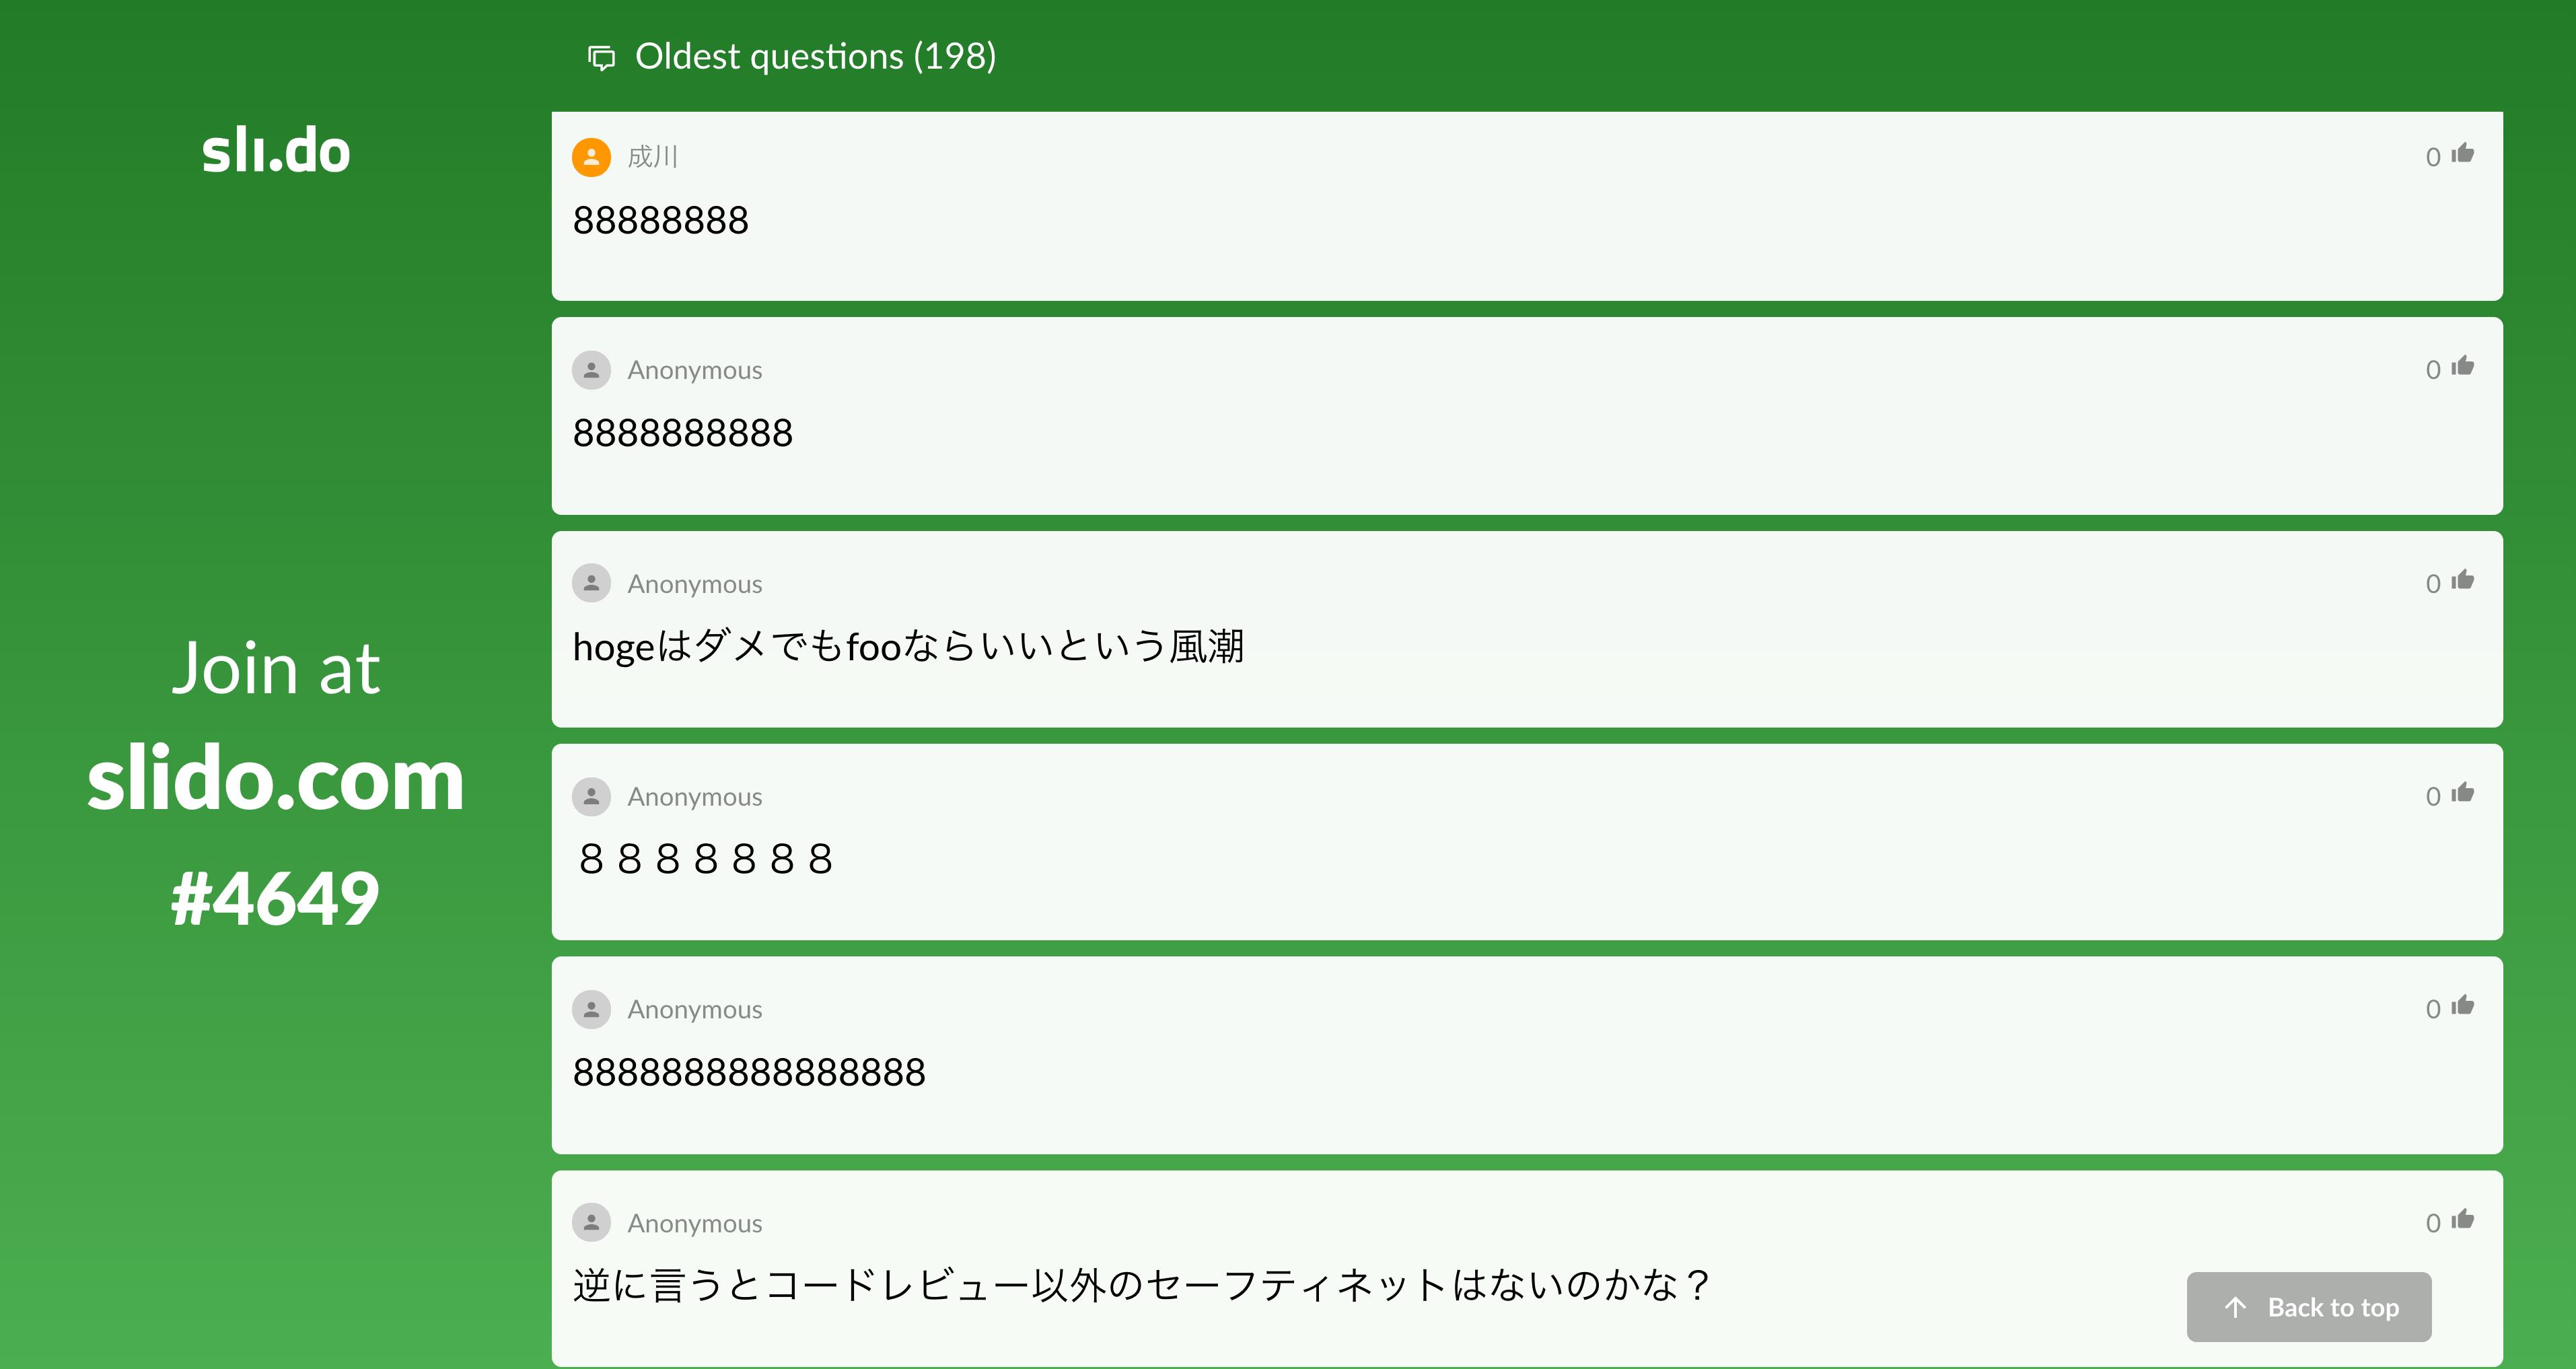 スクリーンショット 2019-06-21 12.33.41.png